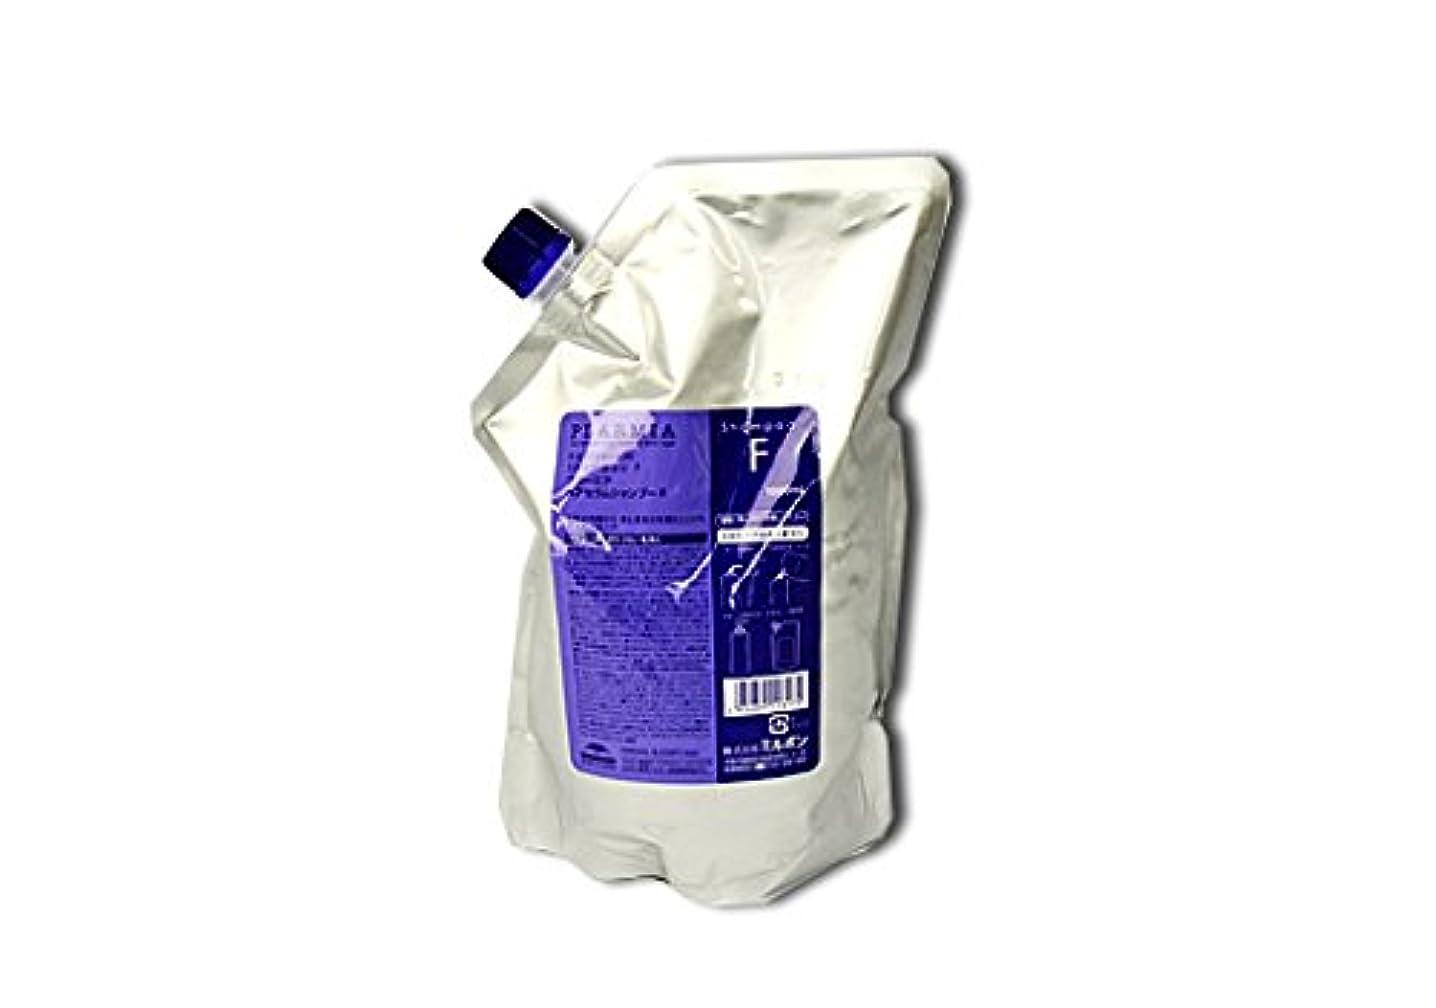 才能藤色塩辛いミルボン プラーミア ヘアセラムシャンプーF 詰め替え用 1000ml